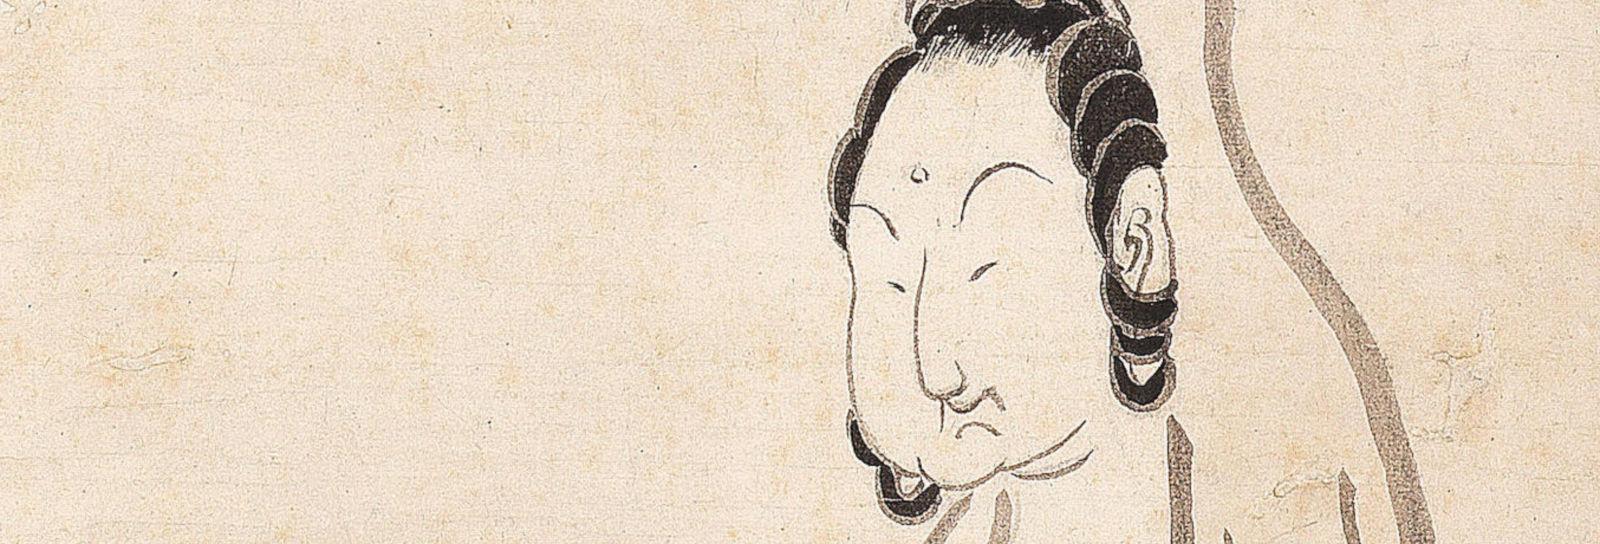 Fine Japanese Art Bonhams